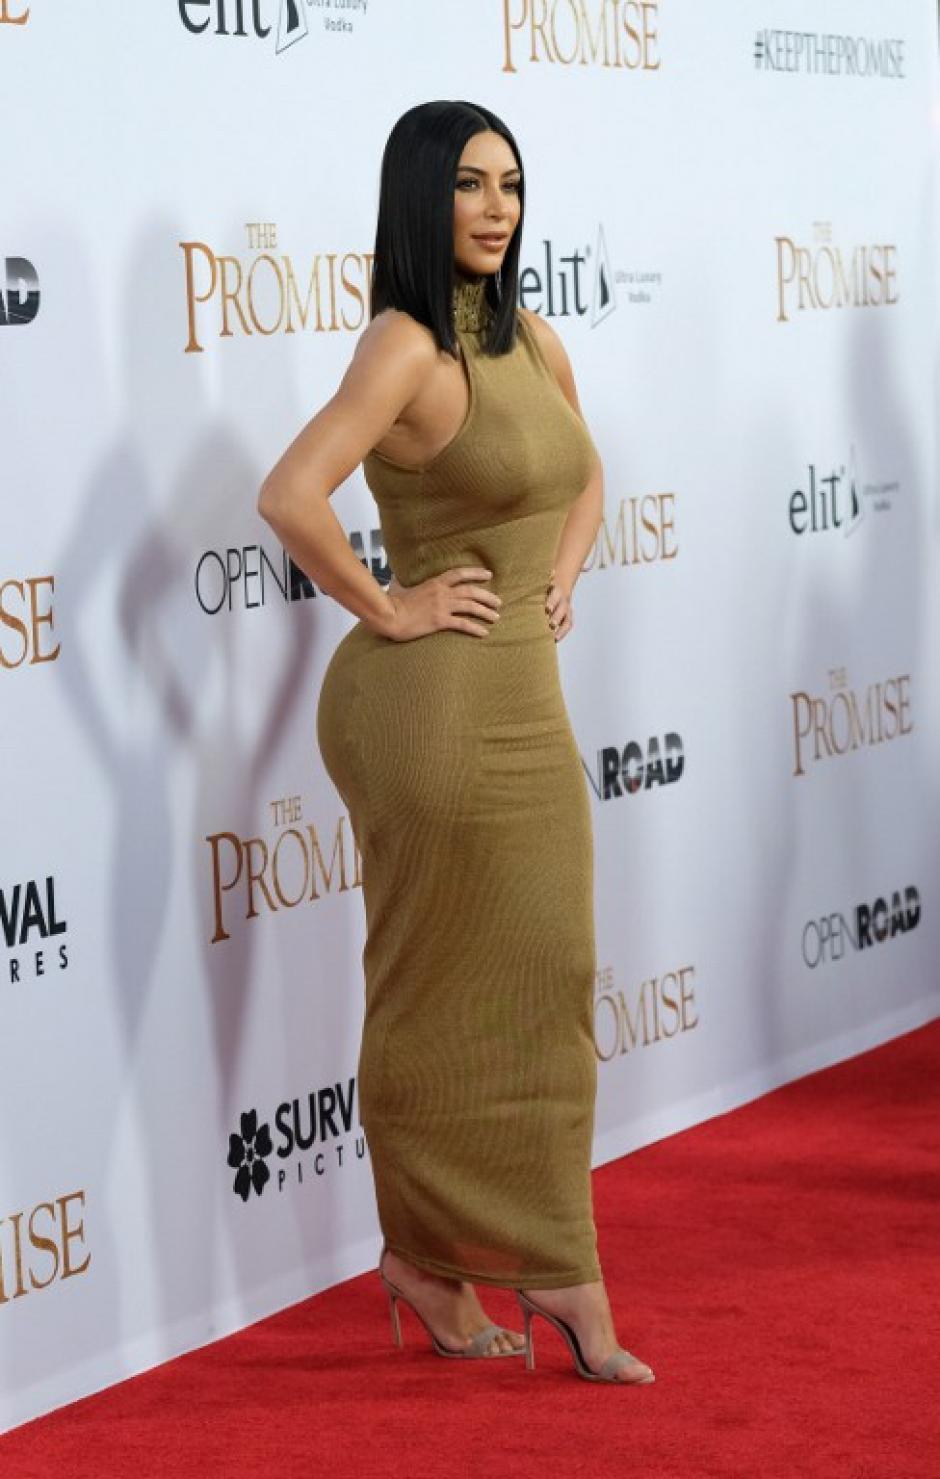 La celebridad tenía un look estilo Cleopatra. (Foto: CHRIS DELMAS/AFP)